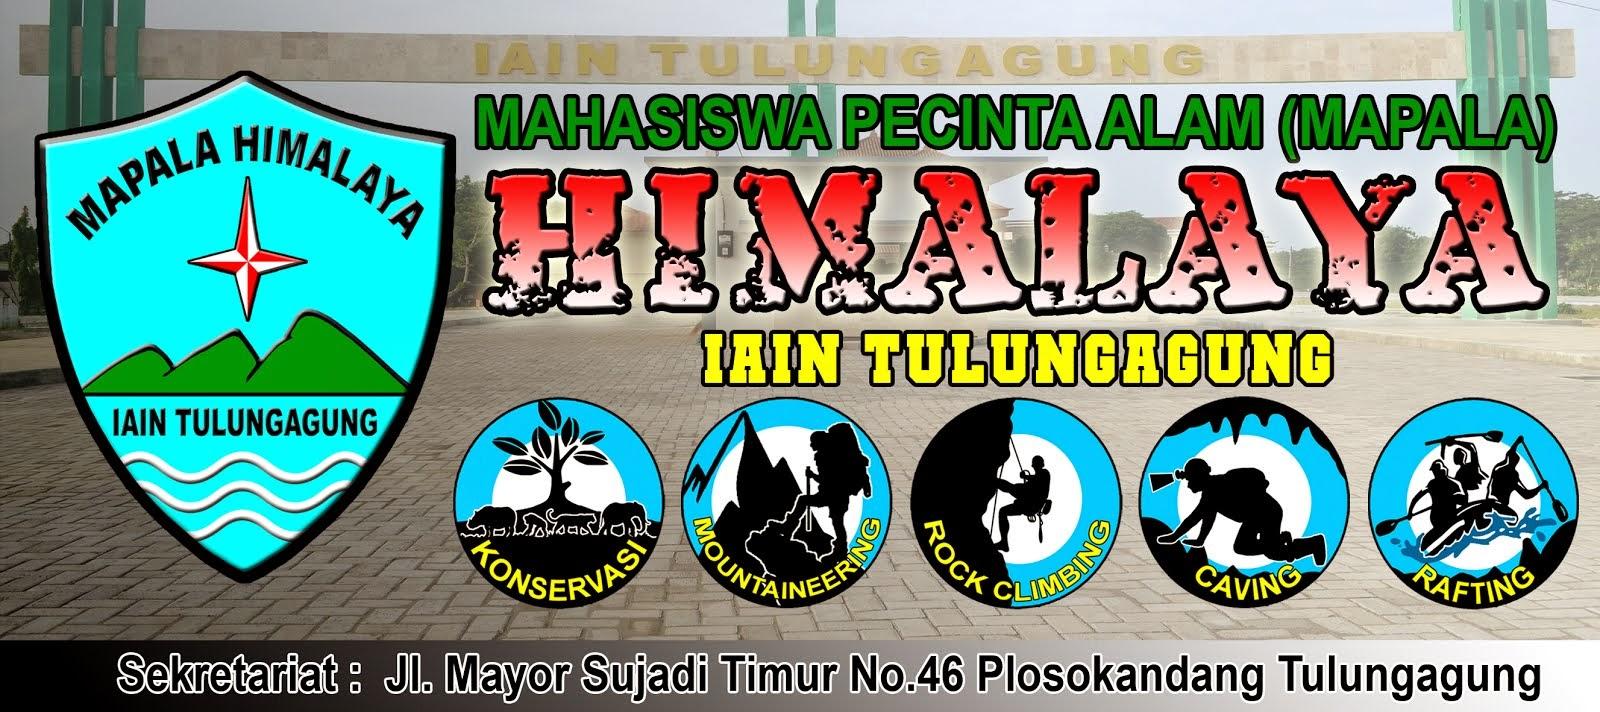 Mapala Himalaya IAIN Tulungagung